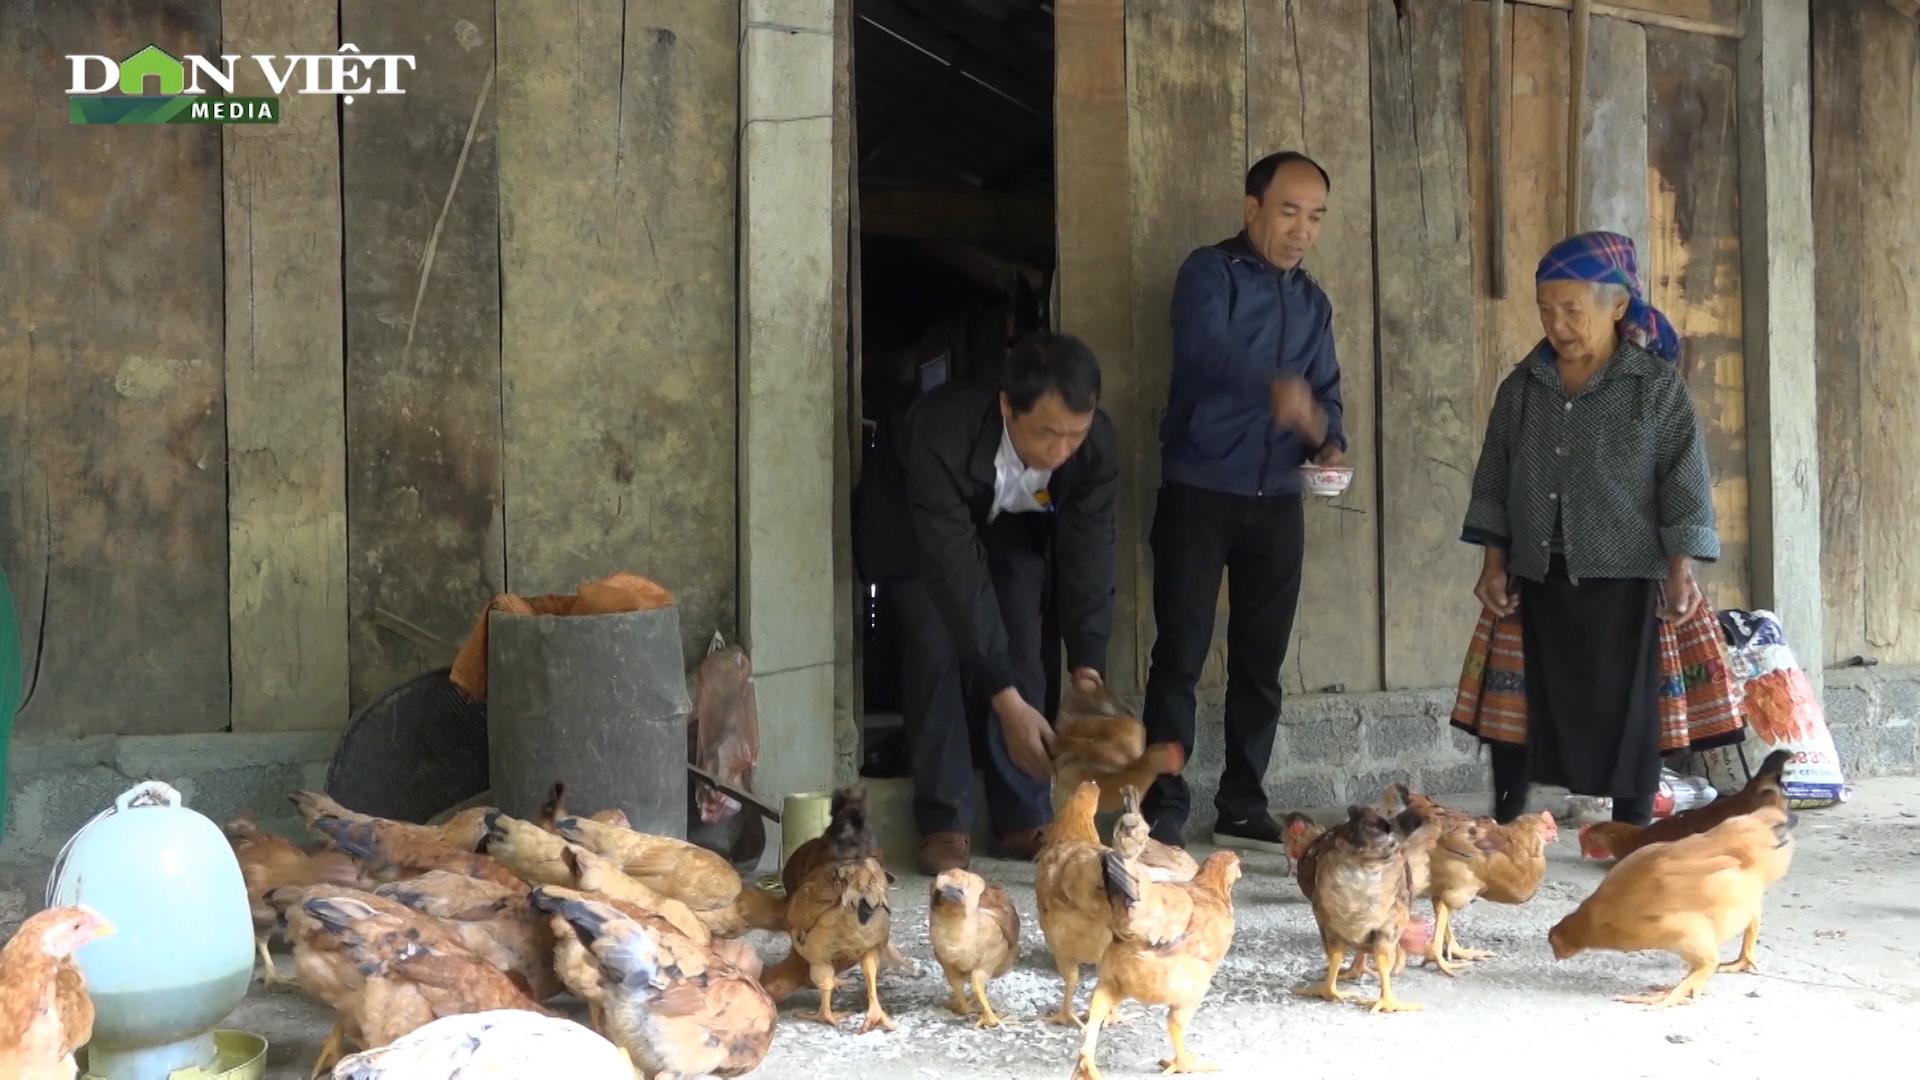 Mô hình nuôi gà đẻ cực hiệu quả, giúp bà con dân tộc ở Pá Lau thoát nghèo - Ảnh 3.